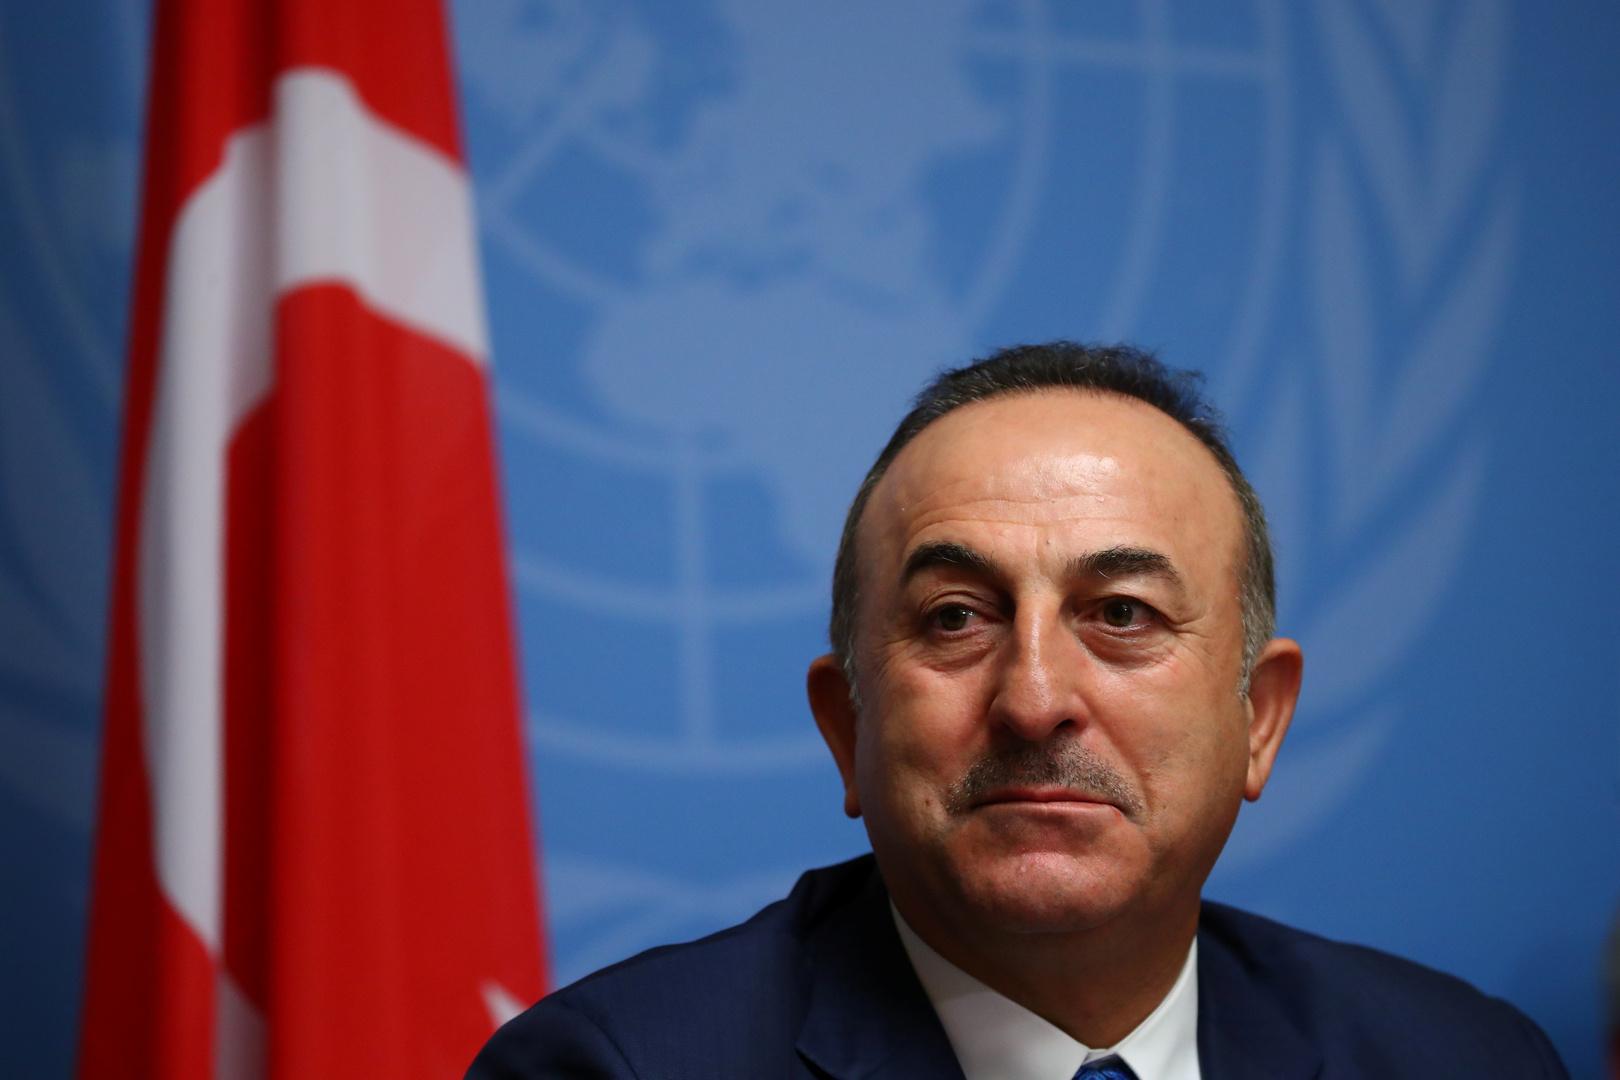 وزير خارجية تركيا يبحث مع كوبيتش مستقبل ليبيا